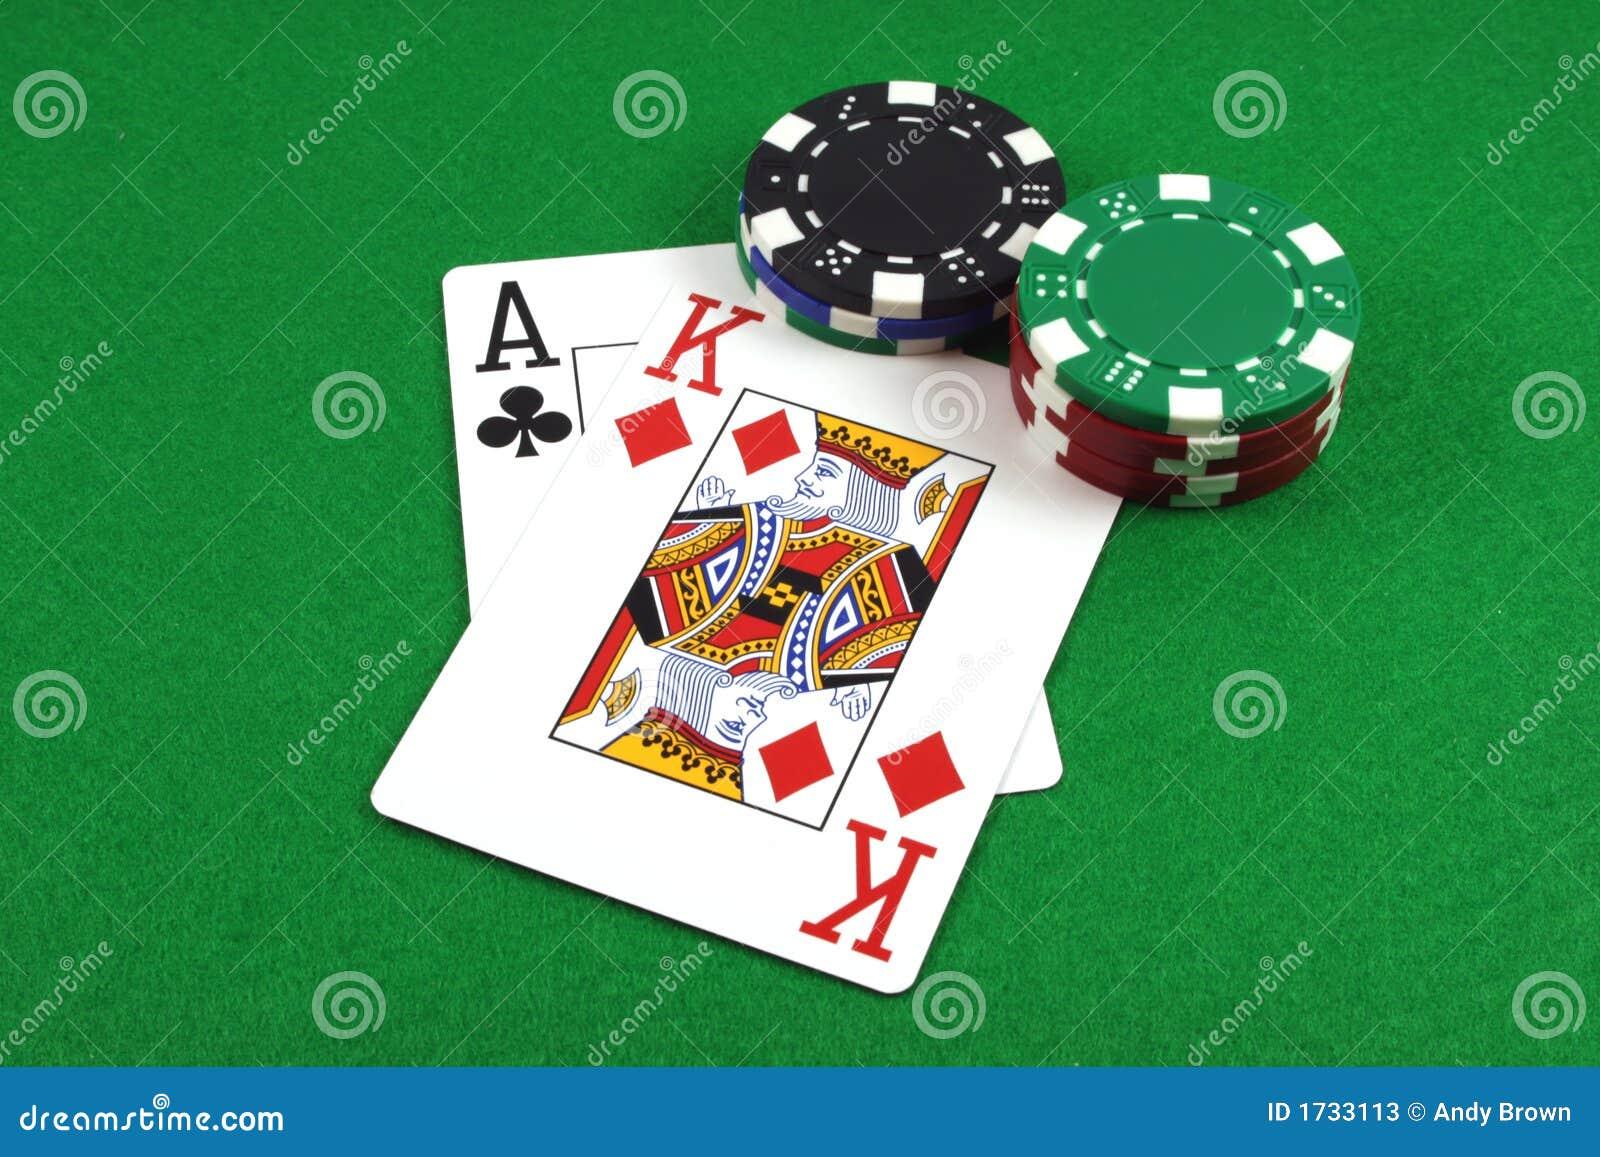 Poker king online free download